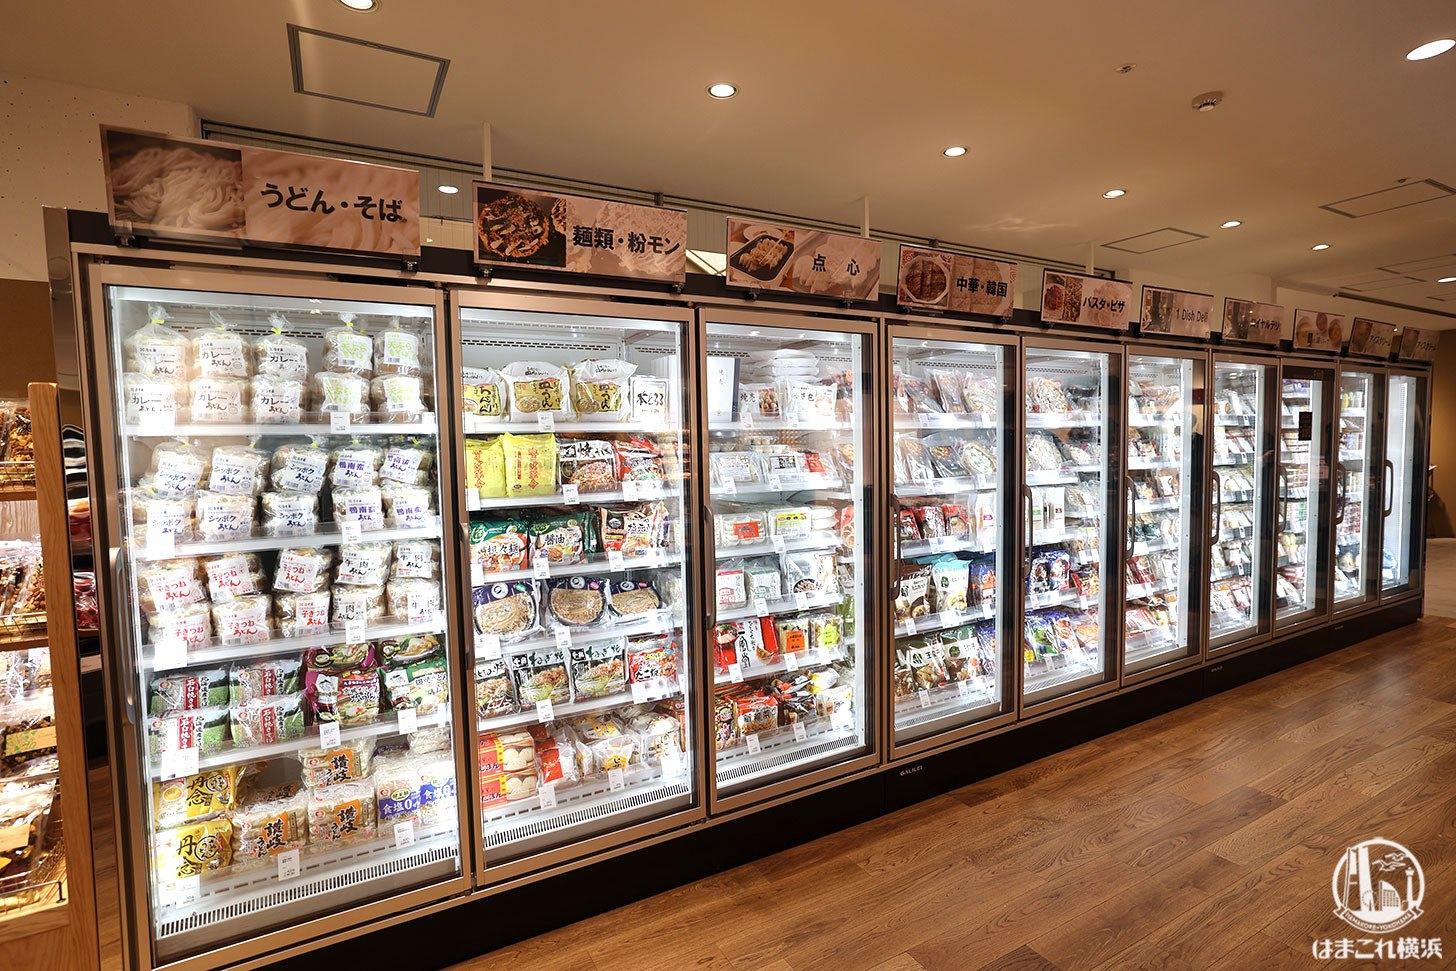 無印良品 港南台バーズ 冷凍食品